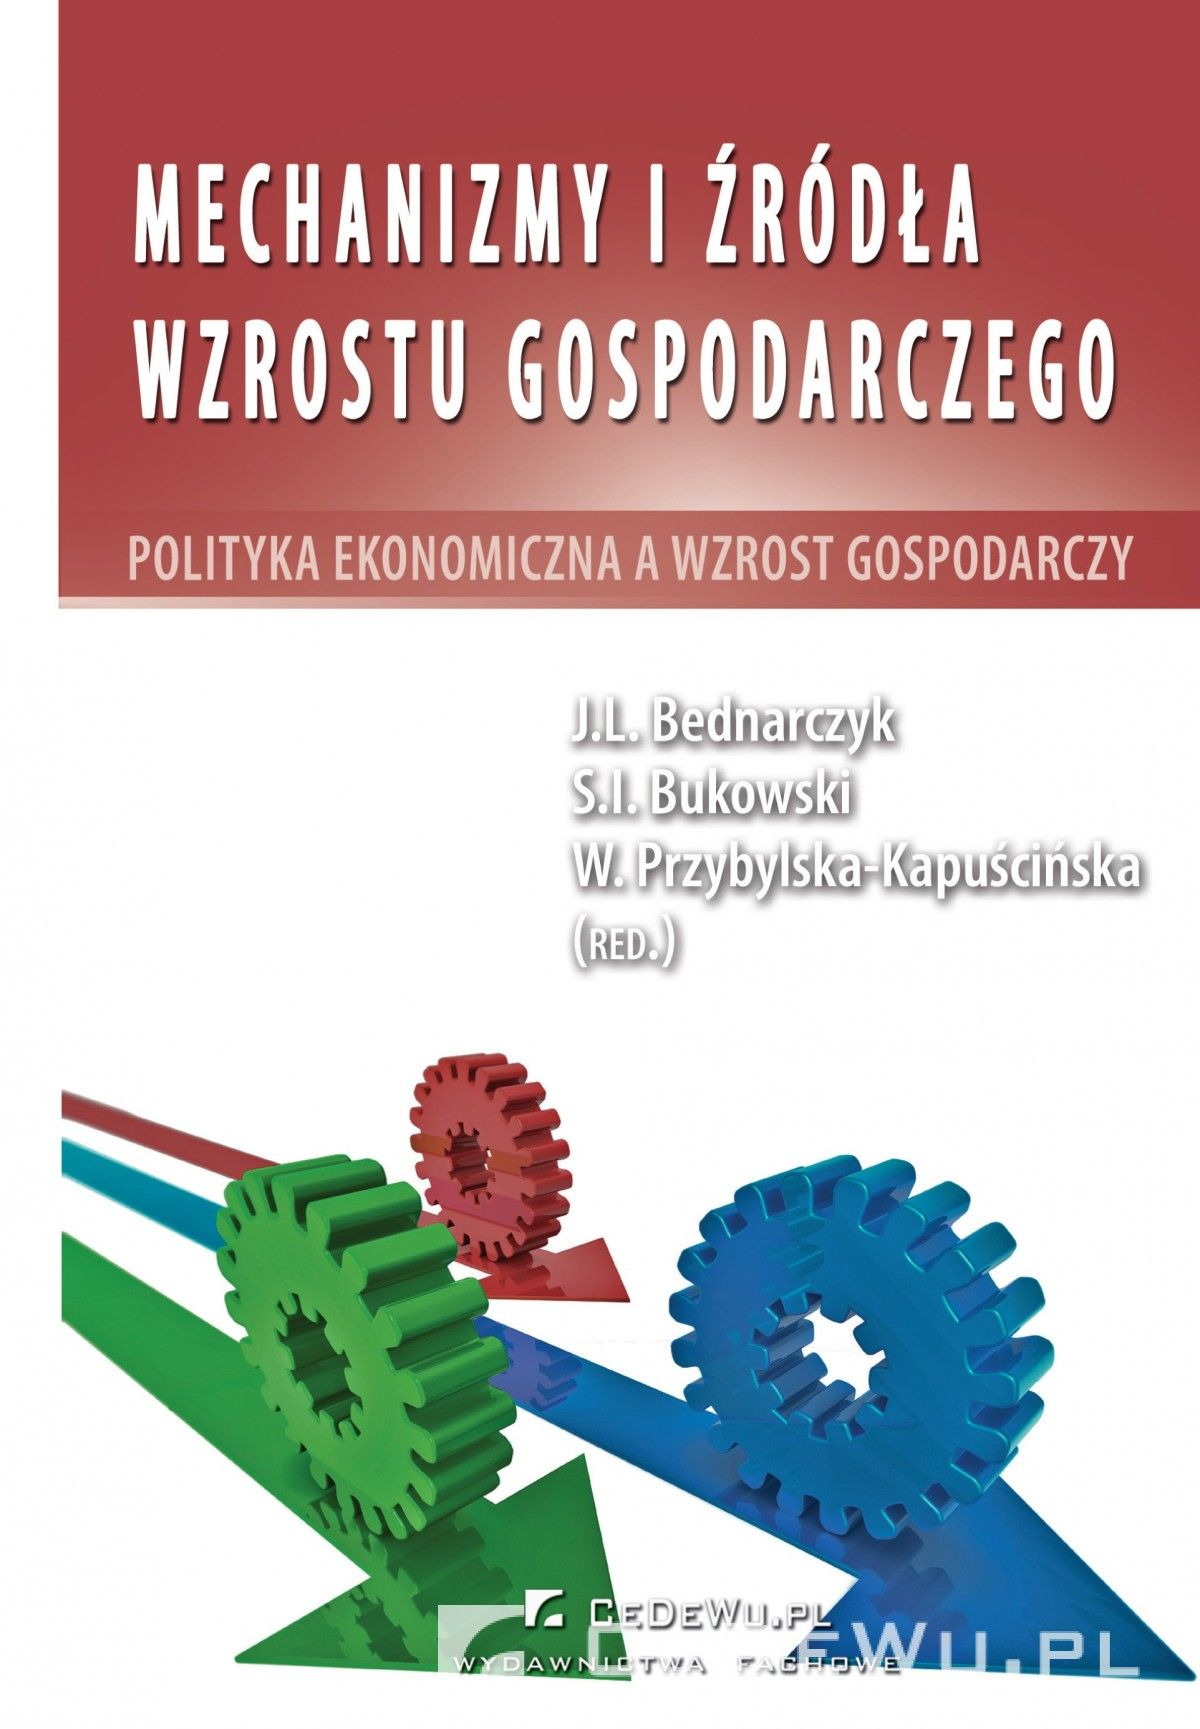 Mechanizmy i źródła wzrostu gospodarczego. Polityka ekonomiczna a wzrost gospodarczy - Ebook (Książka PDF) do pobrania w formacie PDF